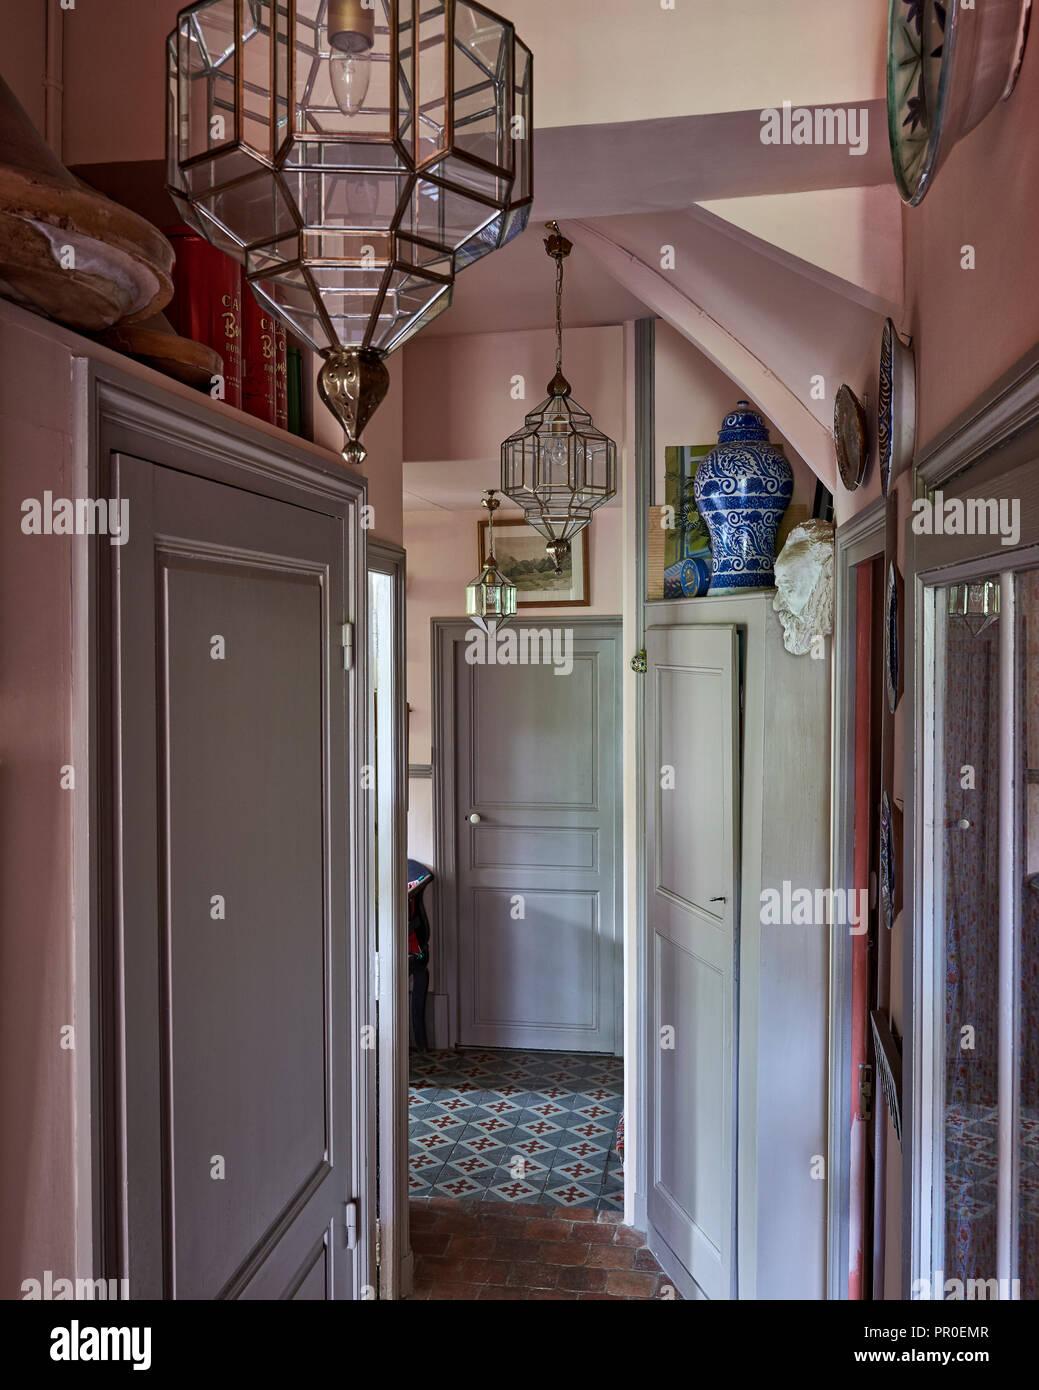 Couloir intérieur à l'ancienne avec des lanternes marocaines Photo Stock